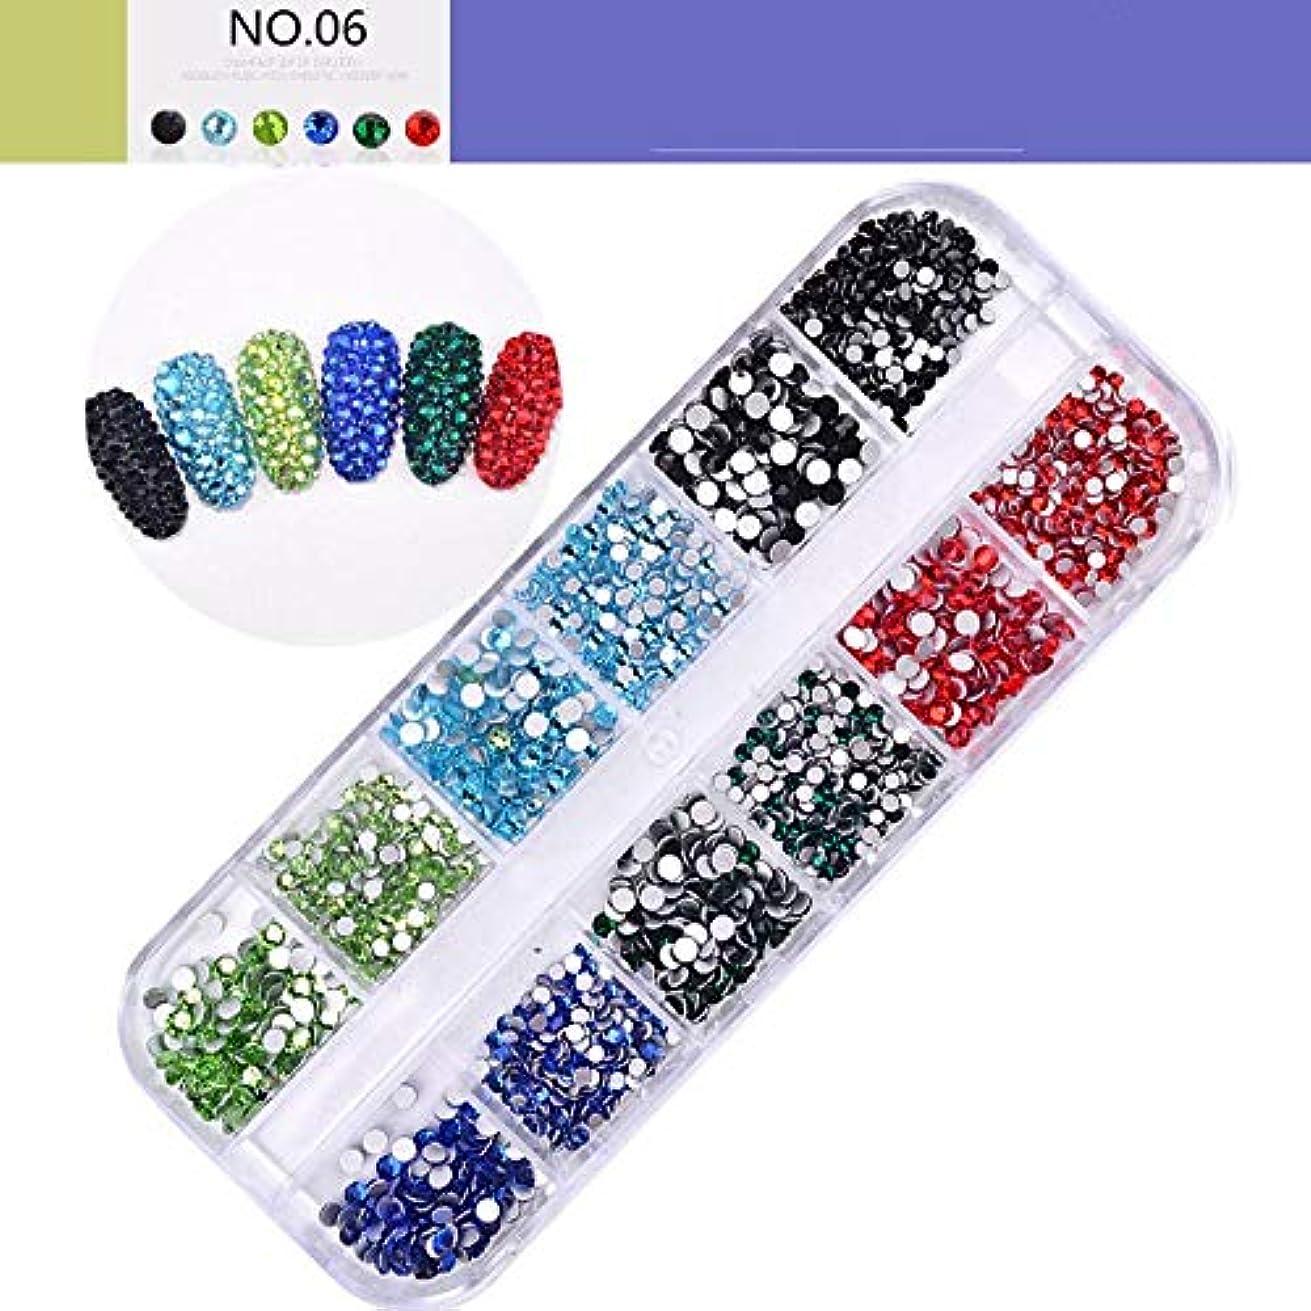 細胞人工橋Jiaoran 1セットdiyネイルアートラウンドクリスタルabビーズフラットバックガラスネイルグリッターラインストーンビーズマニキュア装飾ツール (Color : 6)